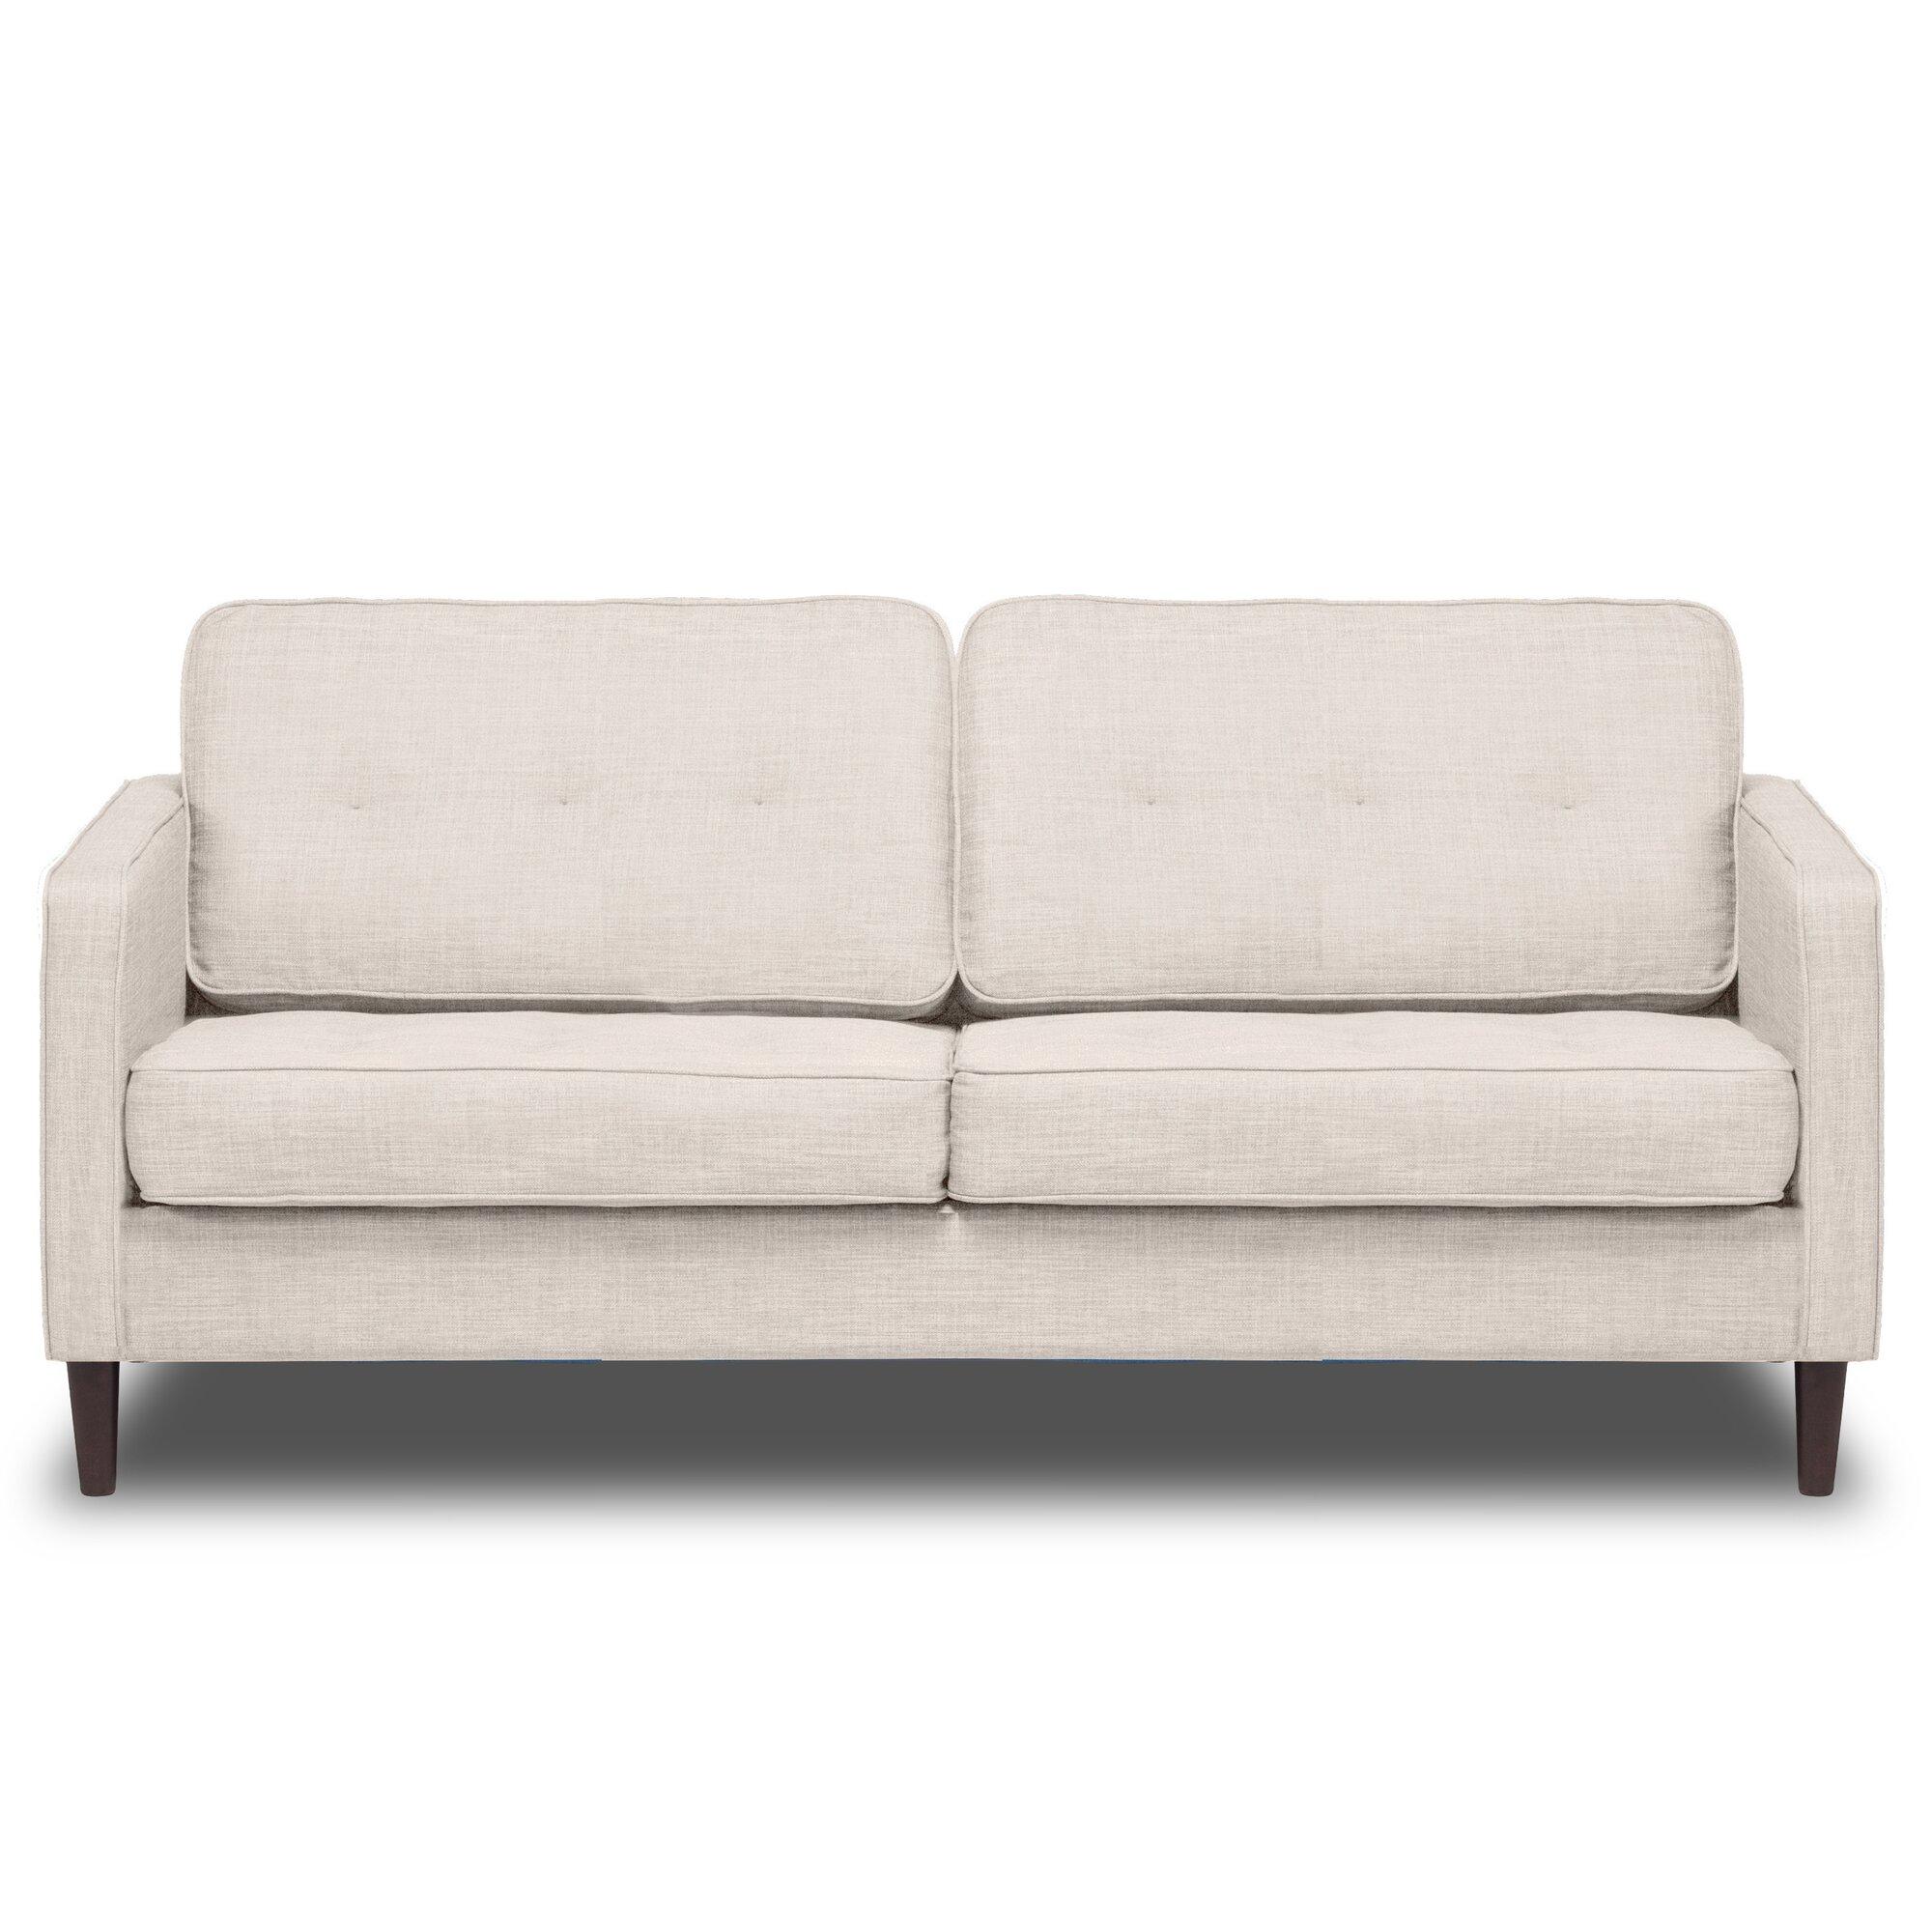 Franklin Sofa Reviews Allmodern